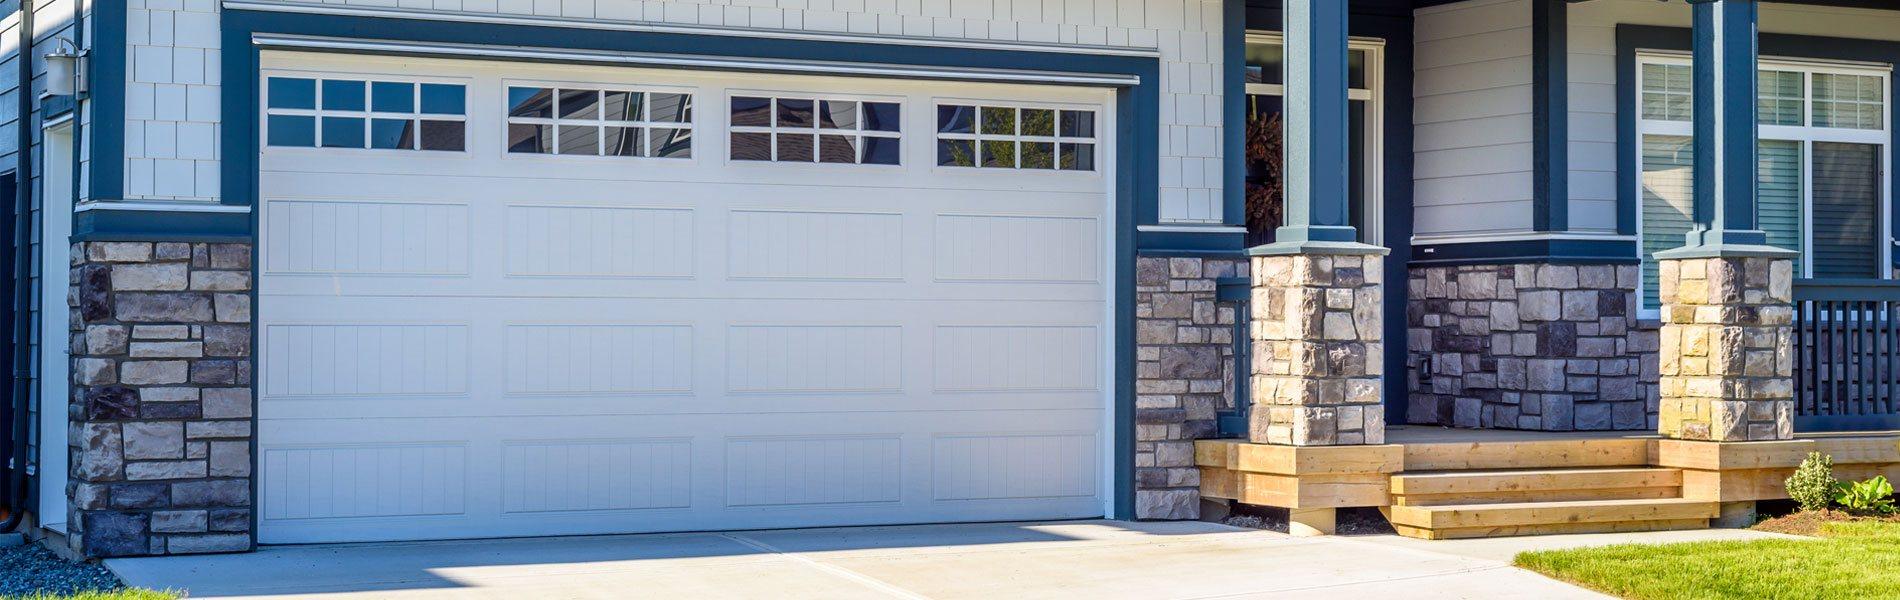 Neighborhood garage door expert garage door company for Garage door companies in michigan